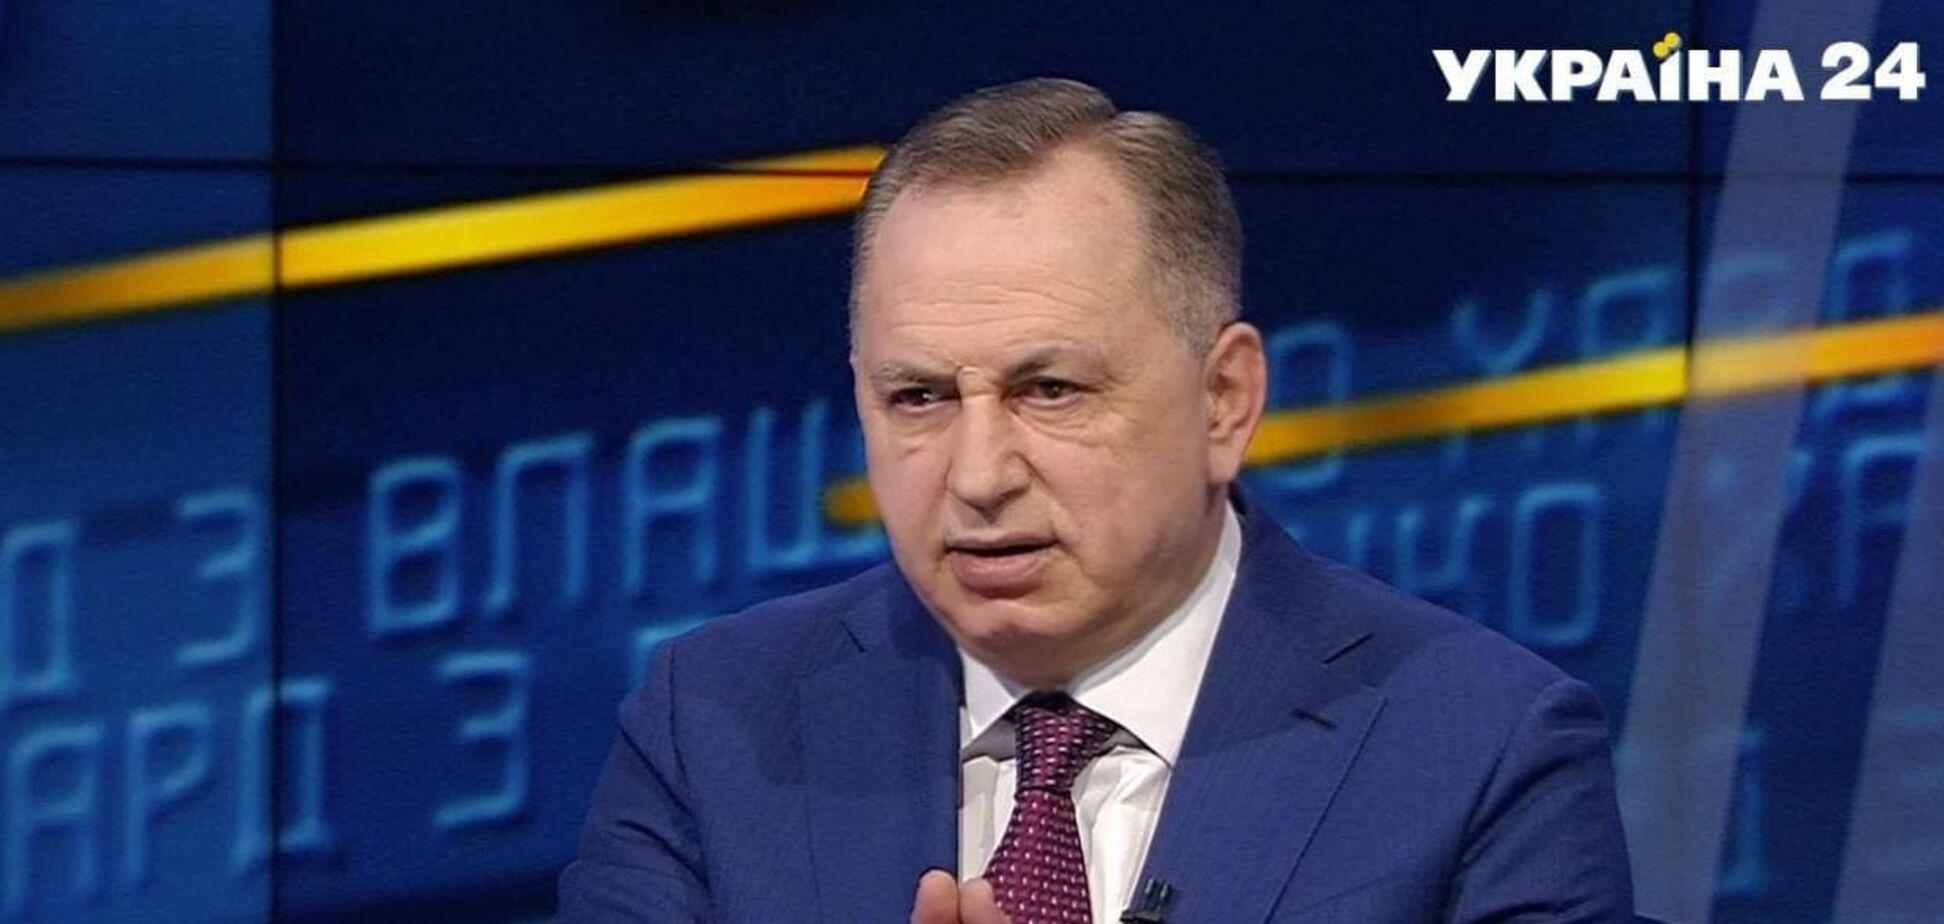 Борис Колесніков: без доріг не буде економіки і грошей на вакцини